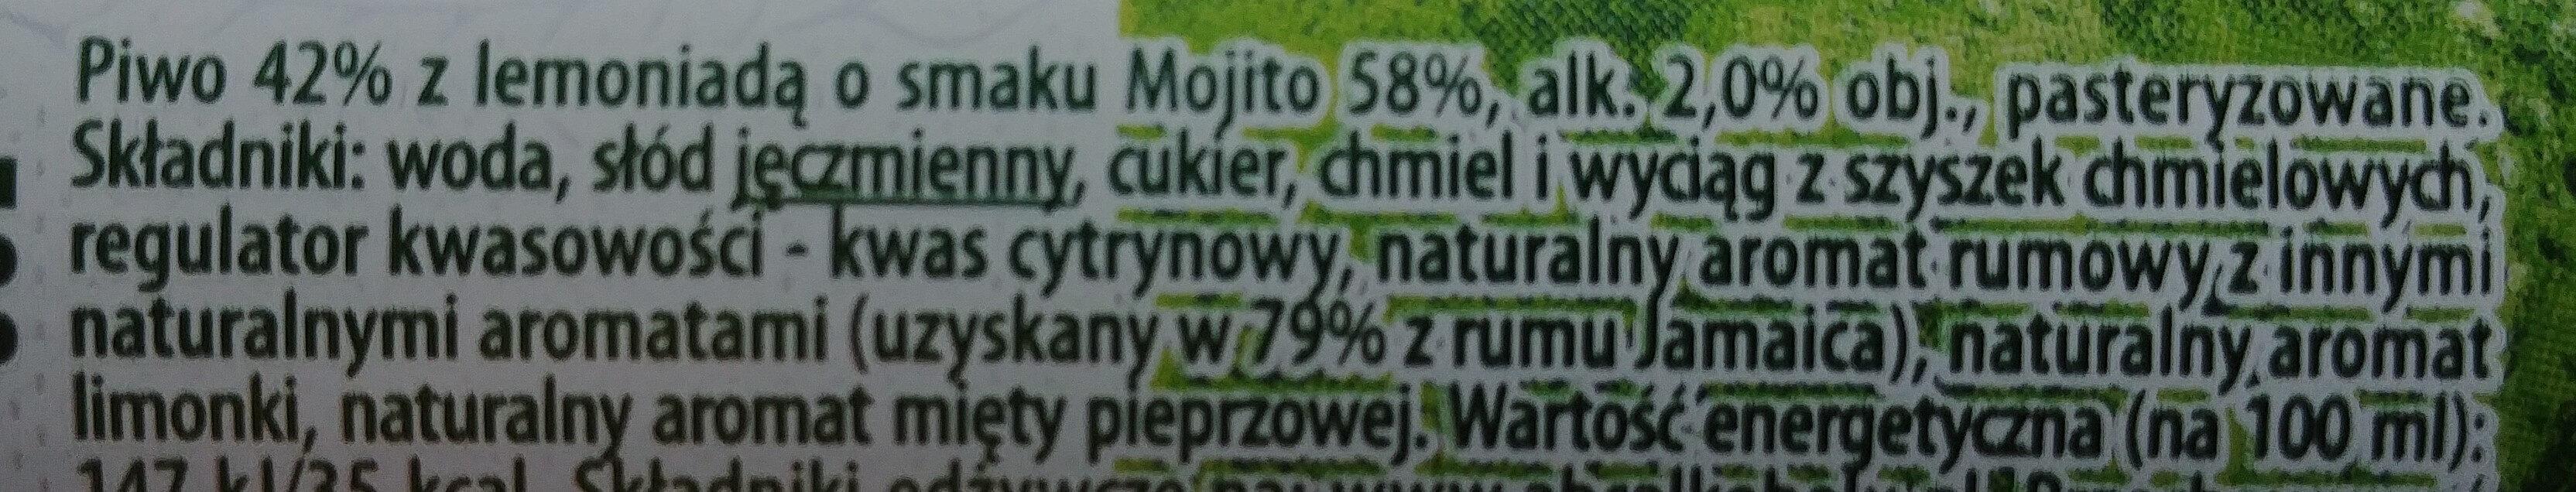 Piwo z lemoniadą o smaku Mojito - Składniki